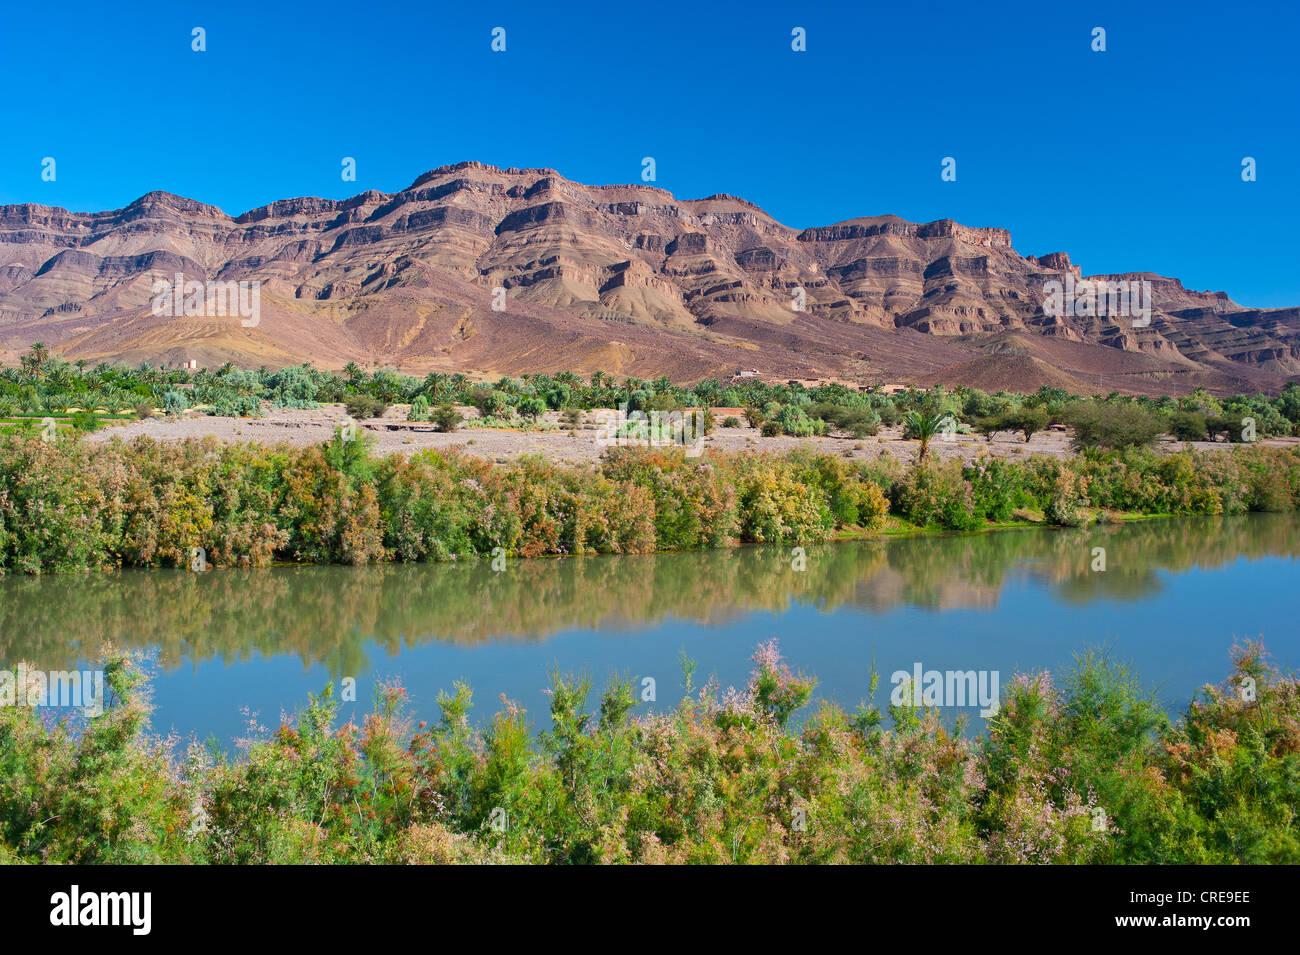 Río Draa, cordillera de la Djebel Kissane Table Mountain en la espalda, Valle Draa, en el sur de Marruecos, Imagen De Stock